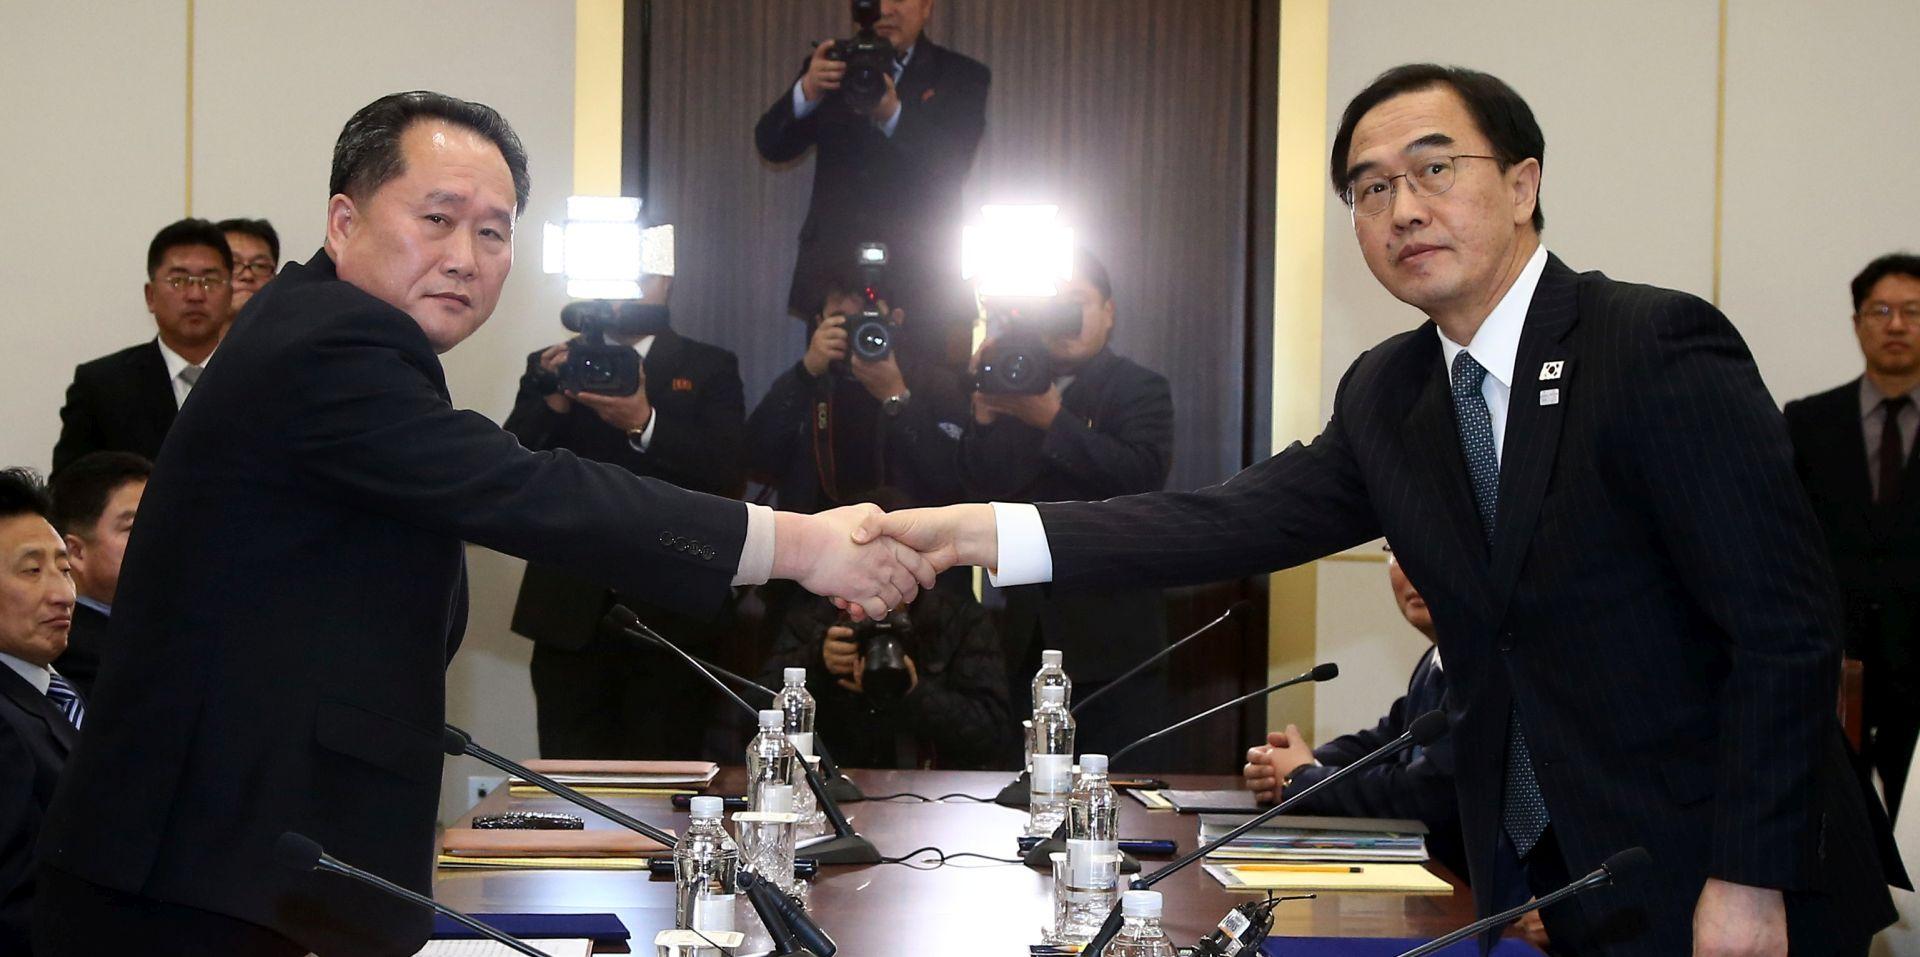 Sjeverna i Južna Koreja obvezale se na rješavanje problema kroz dijalog